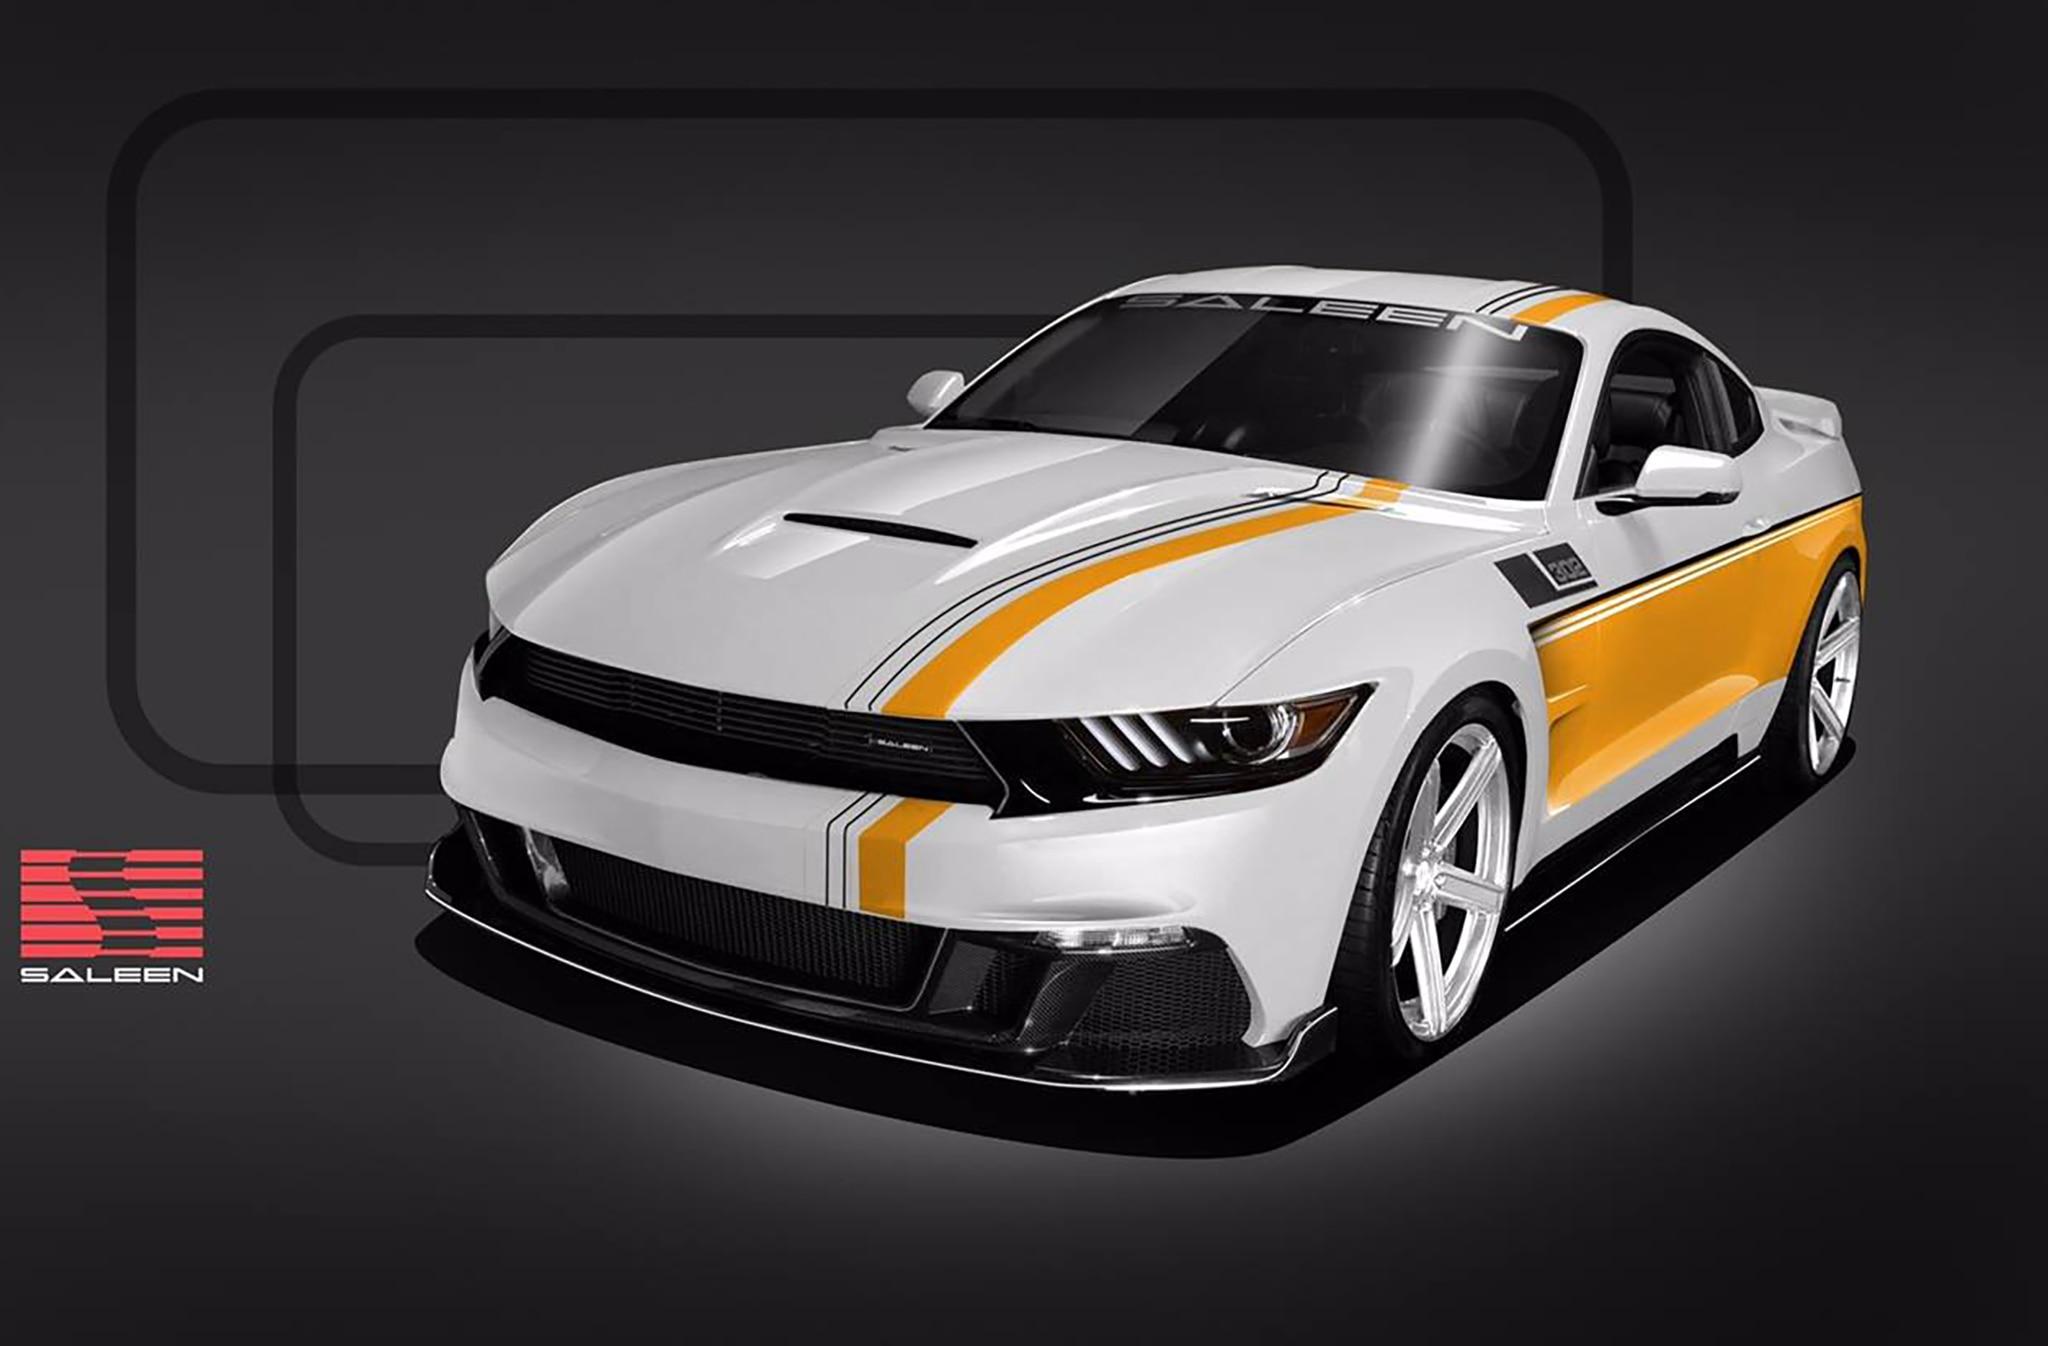 Saleen Automotive Presenta Mustang De Edici N Especial